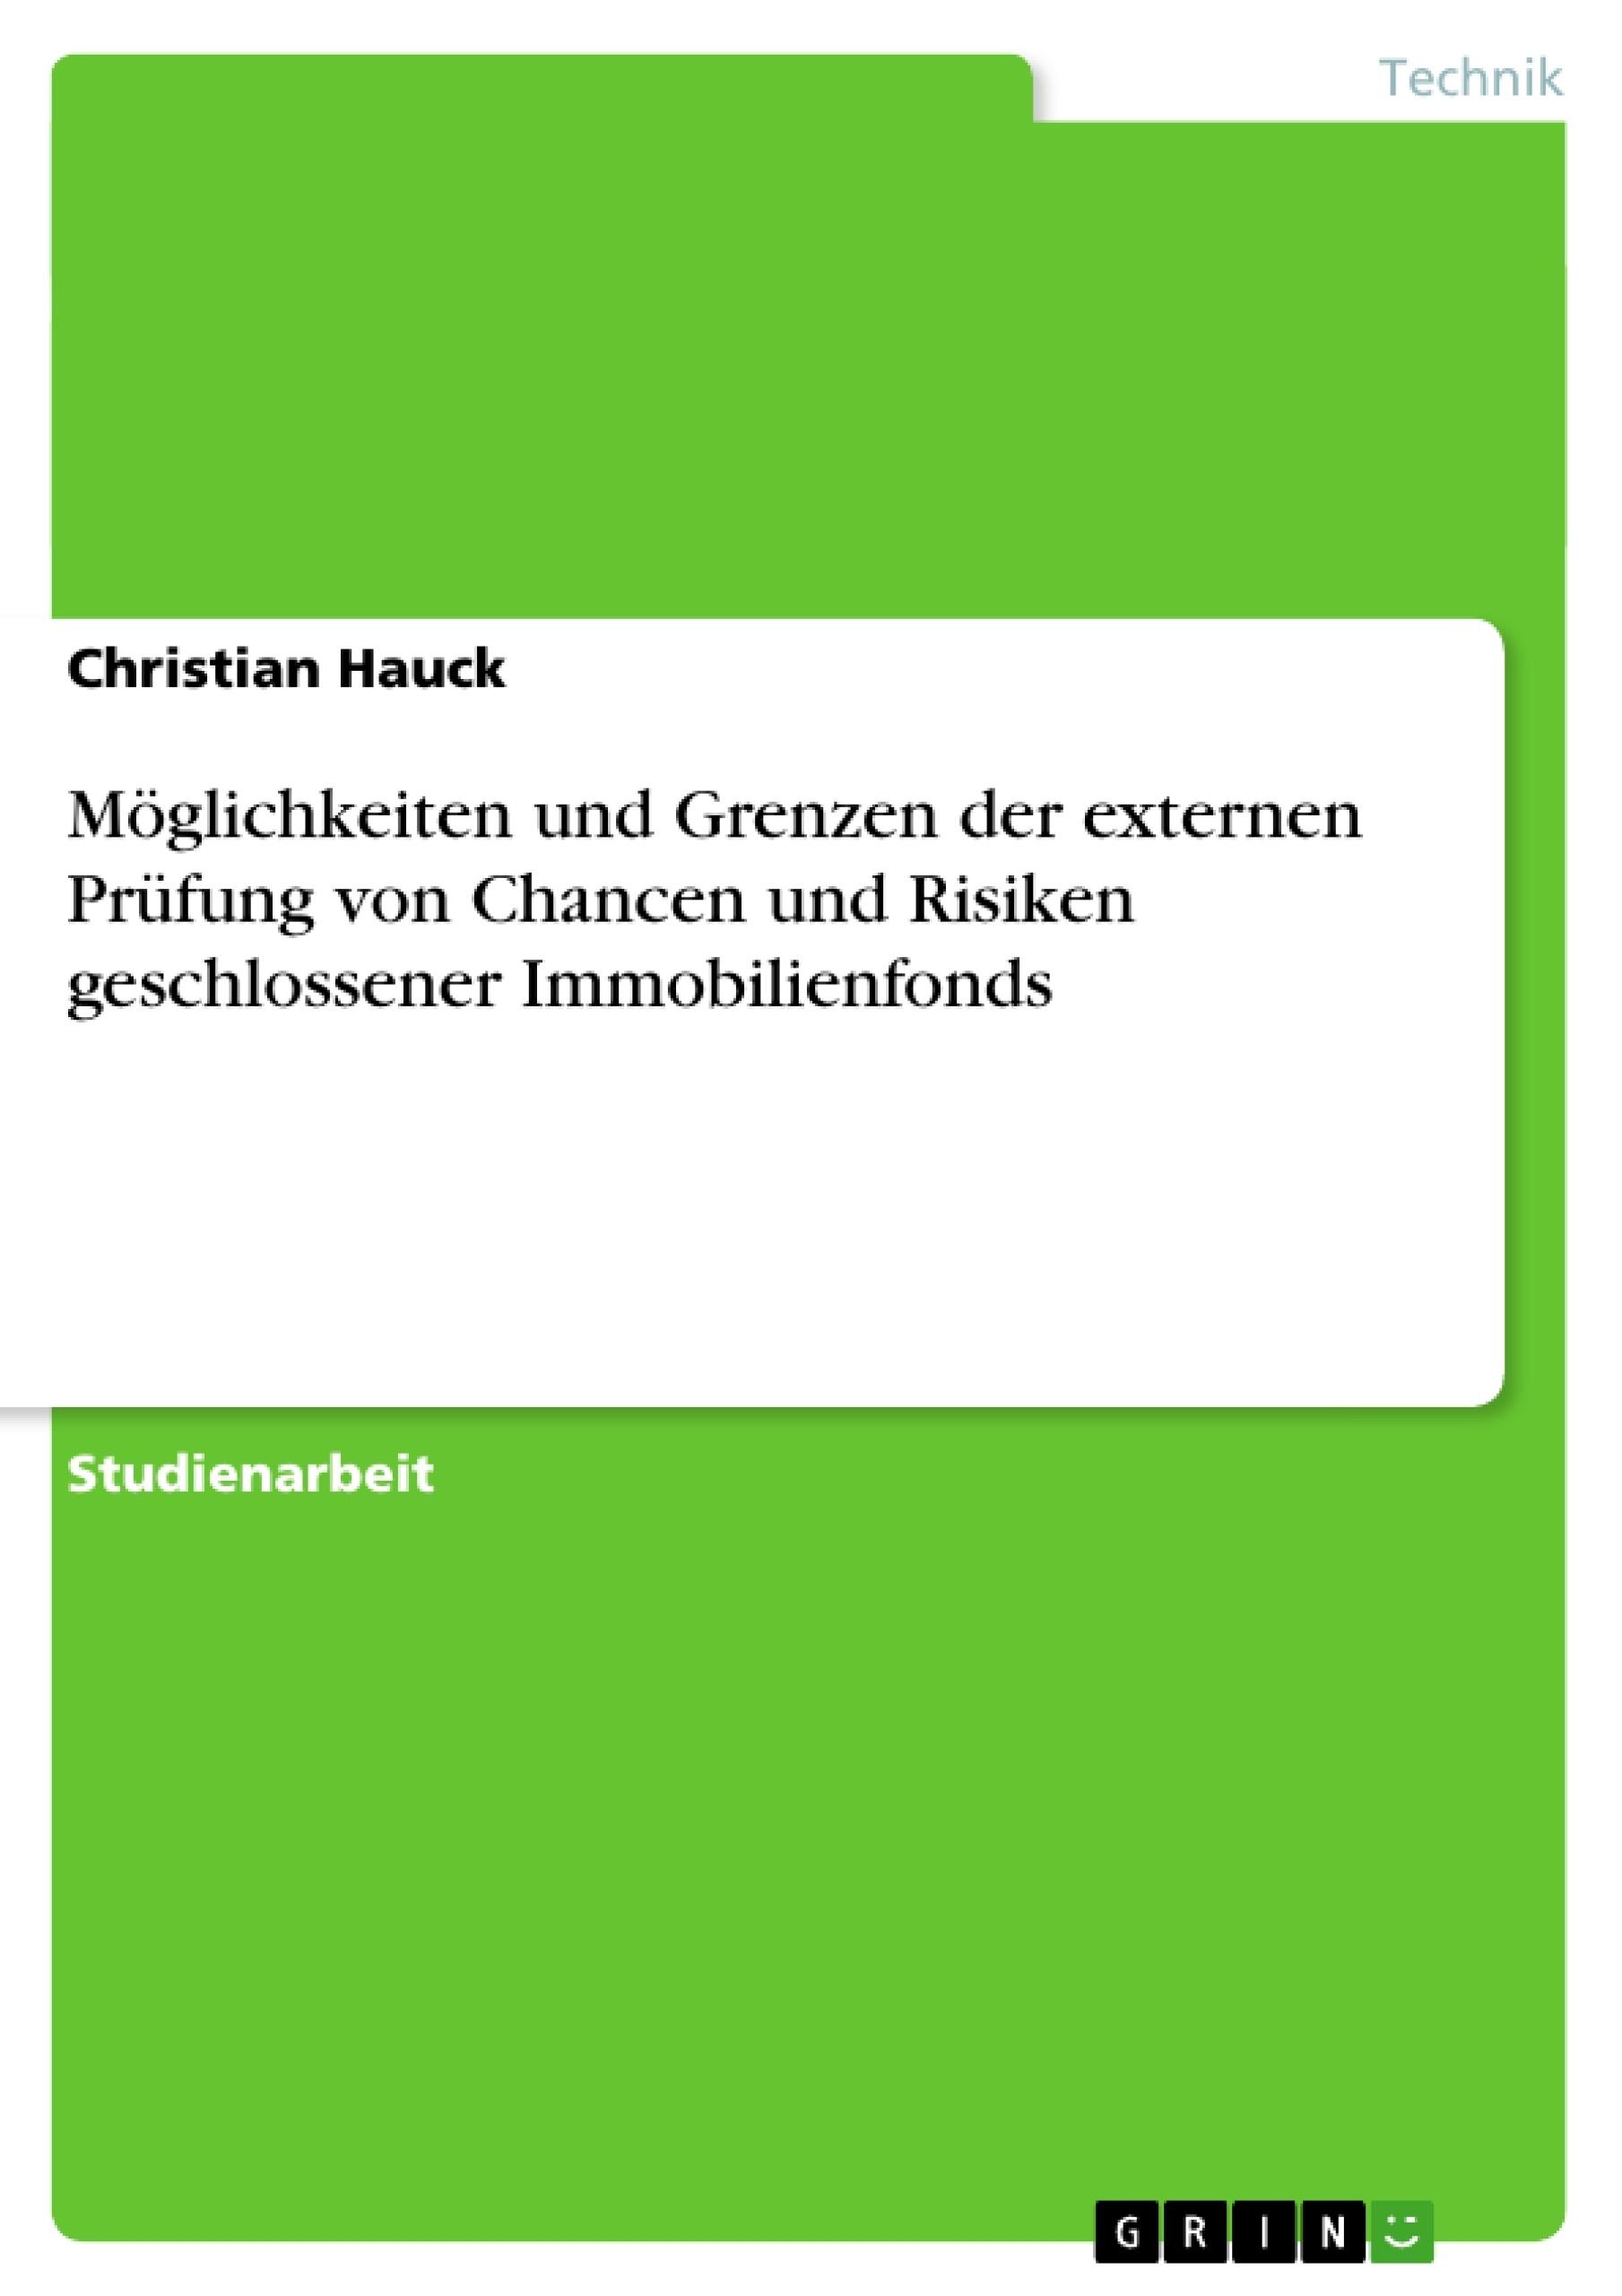 Titel: Möglichkeiten und Grenzen der externen Prüfung von Chancen und Risiken geschlossener Immobilienfonds